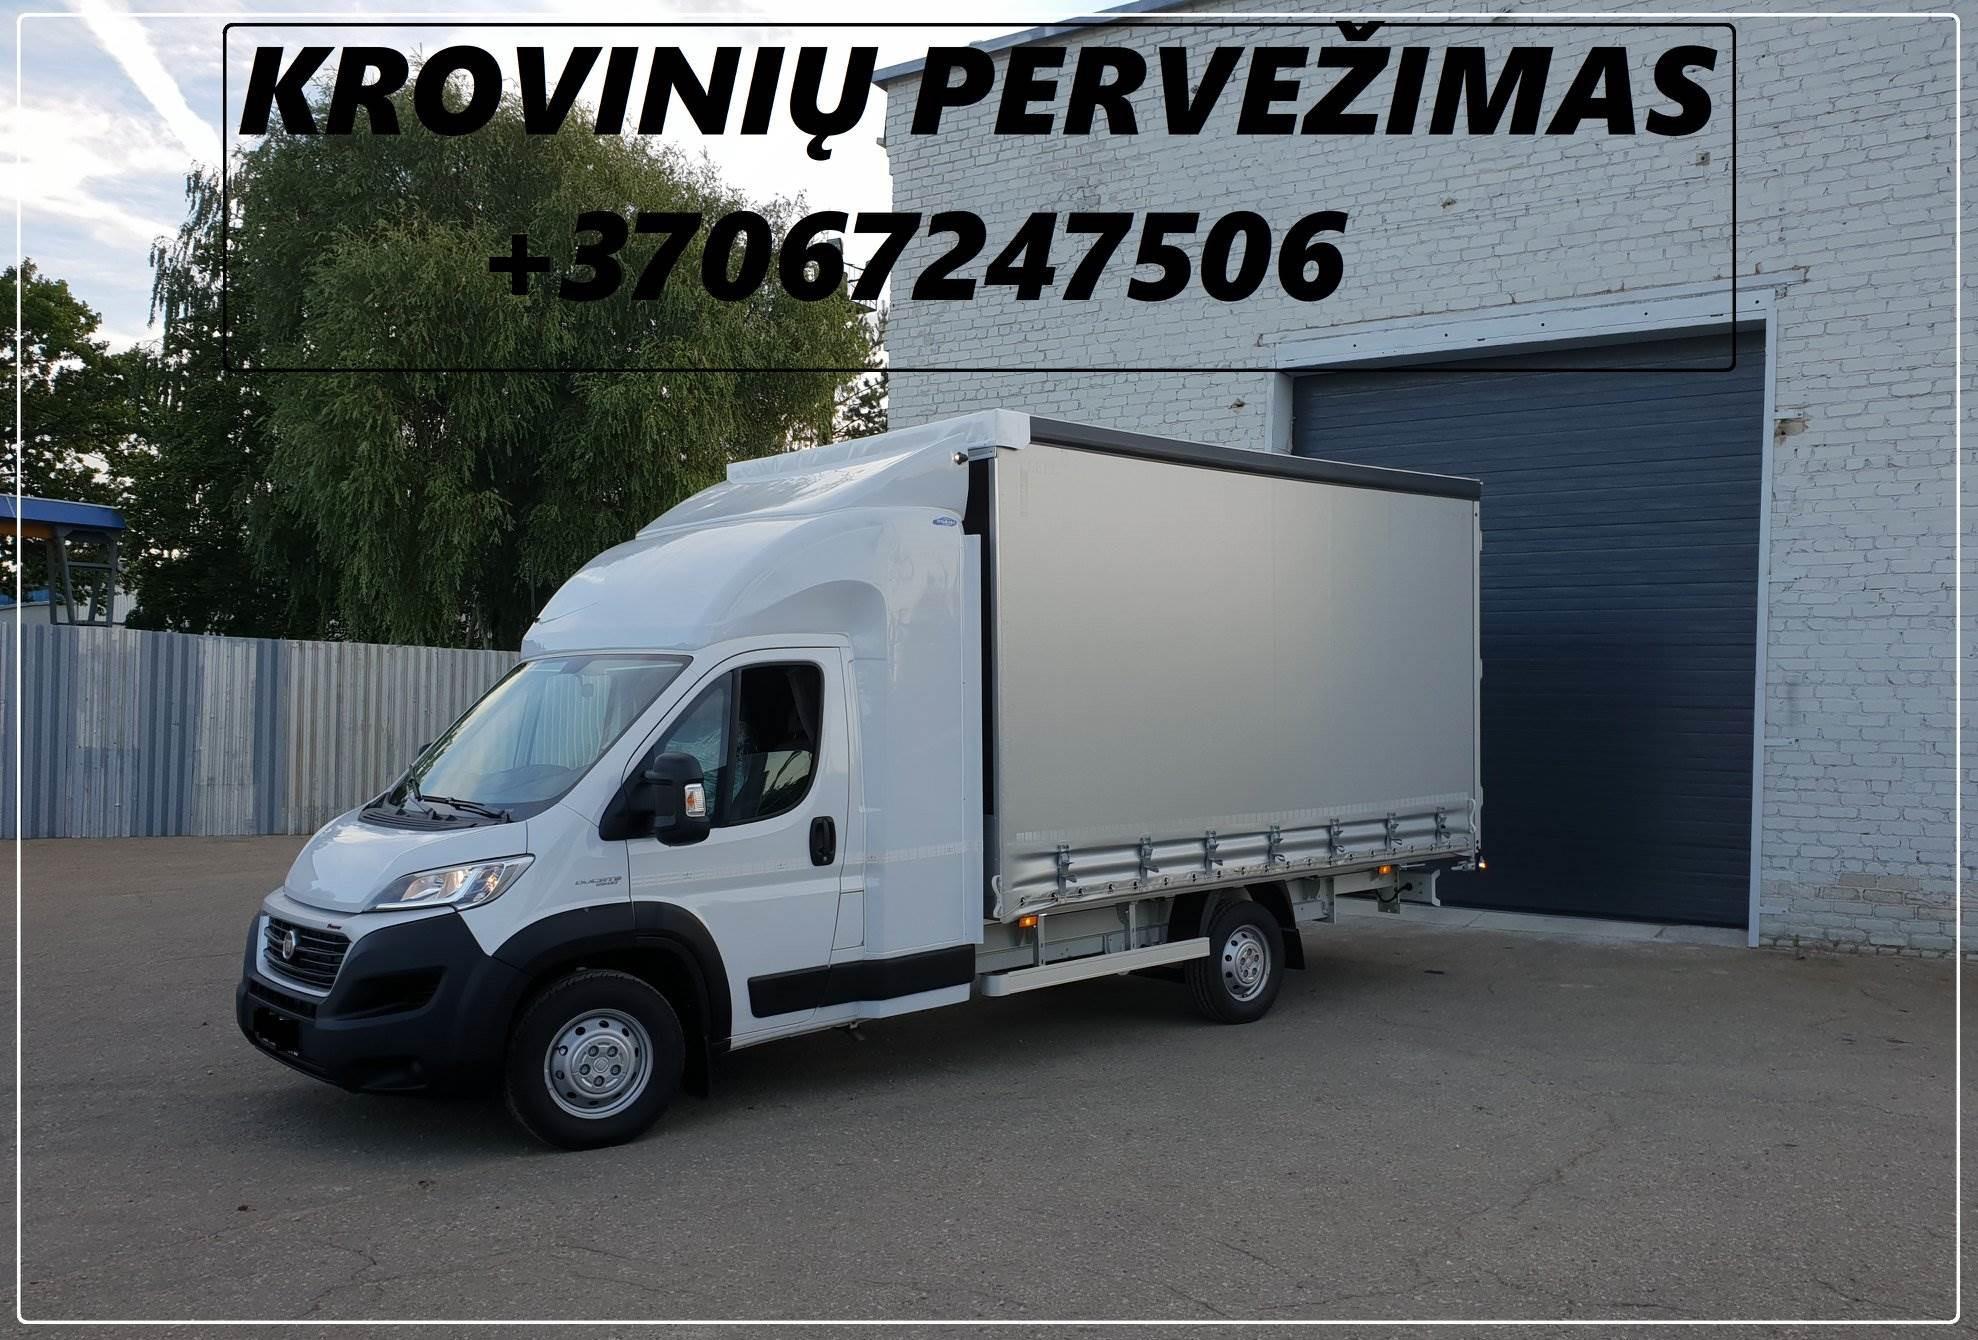 Ivairių krovinių, skubiu kroviniu pervežimas LIETUVA - EUROPA - LIETUVA:  +37067247506 LIETUVA - EUROPA - LIETUVA EKSPRES KROVINIU PERVEZIMAI +3706724